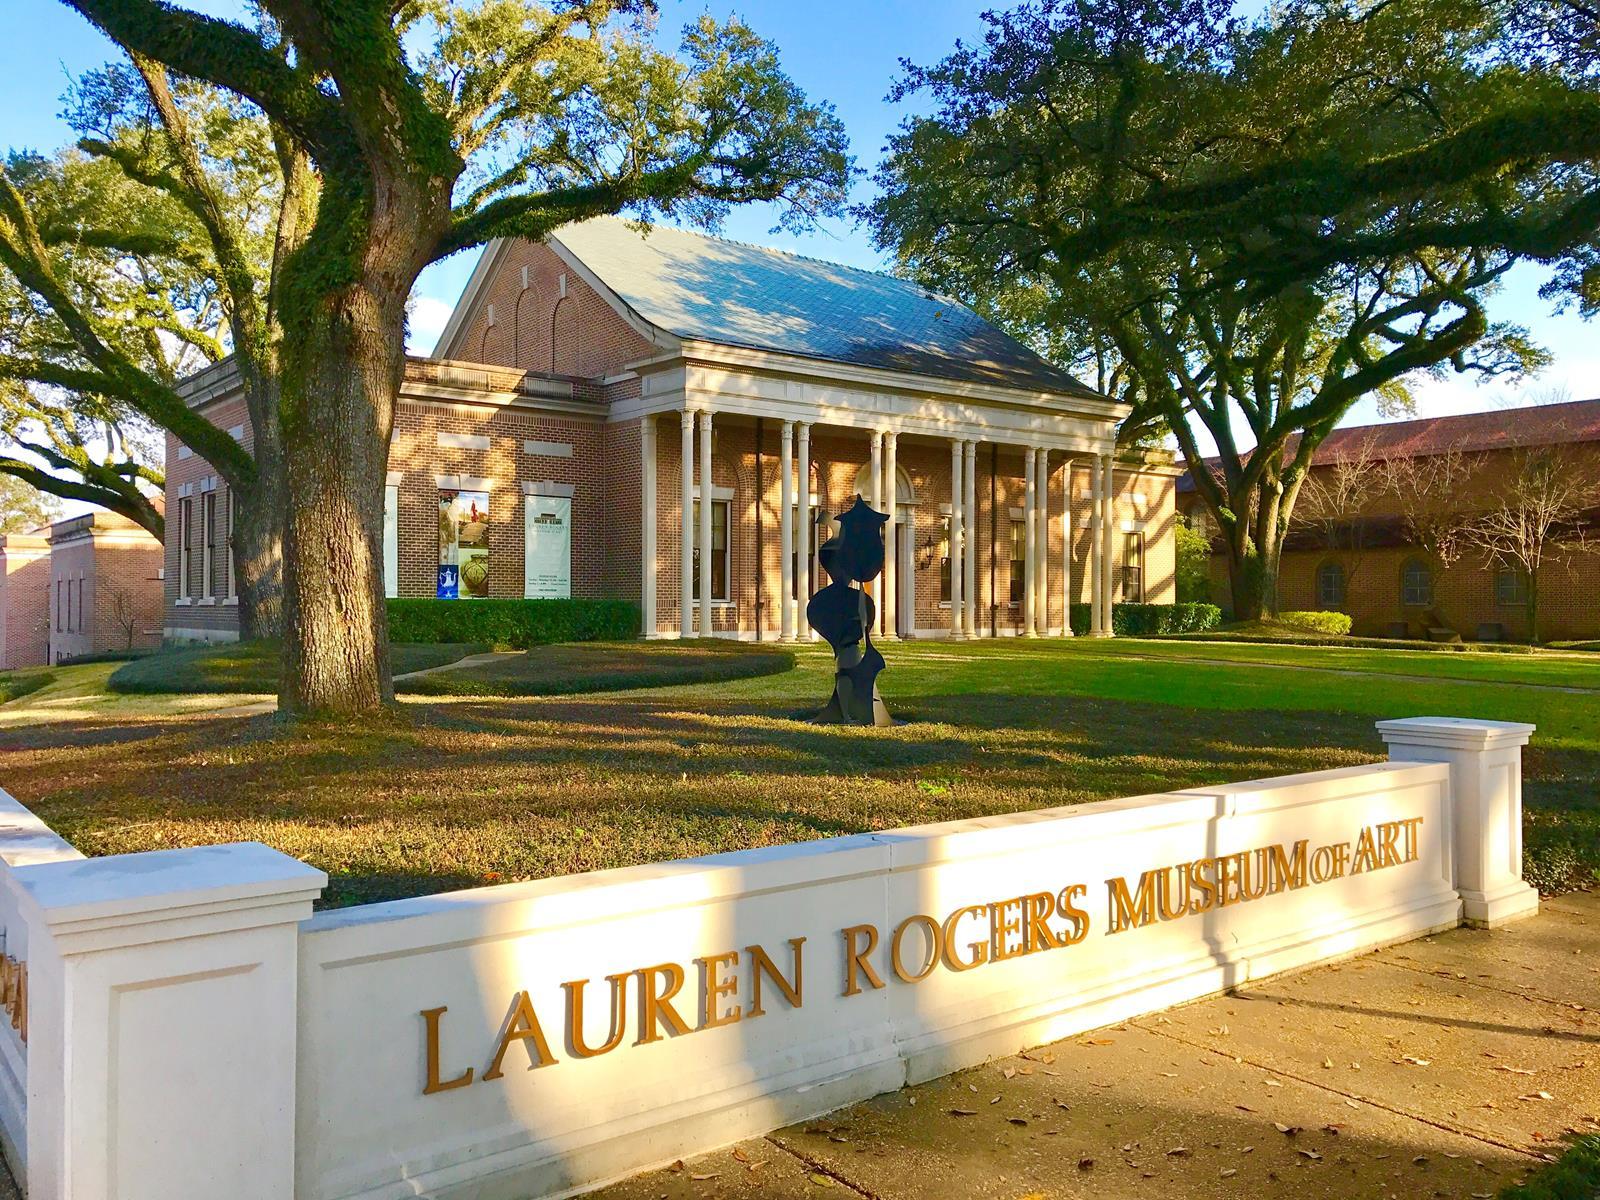 LAUREL-Lauren Rogers Museum